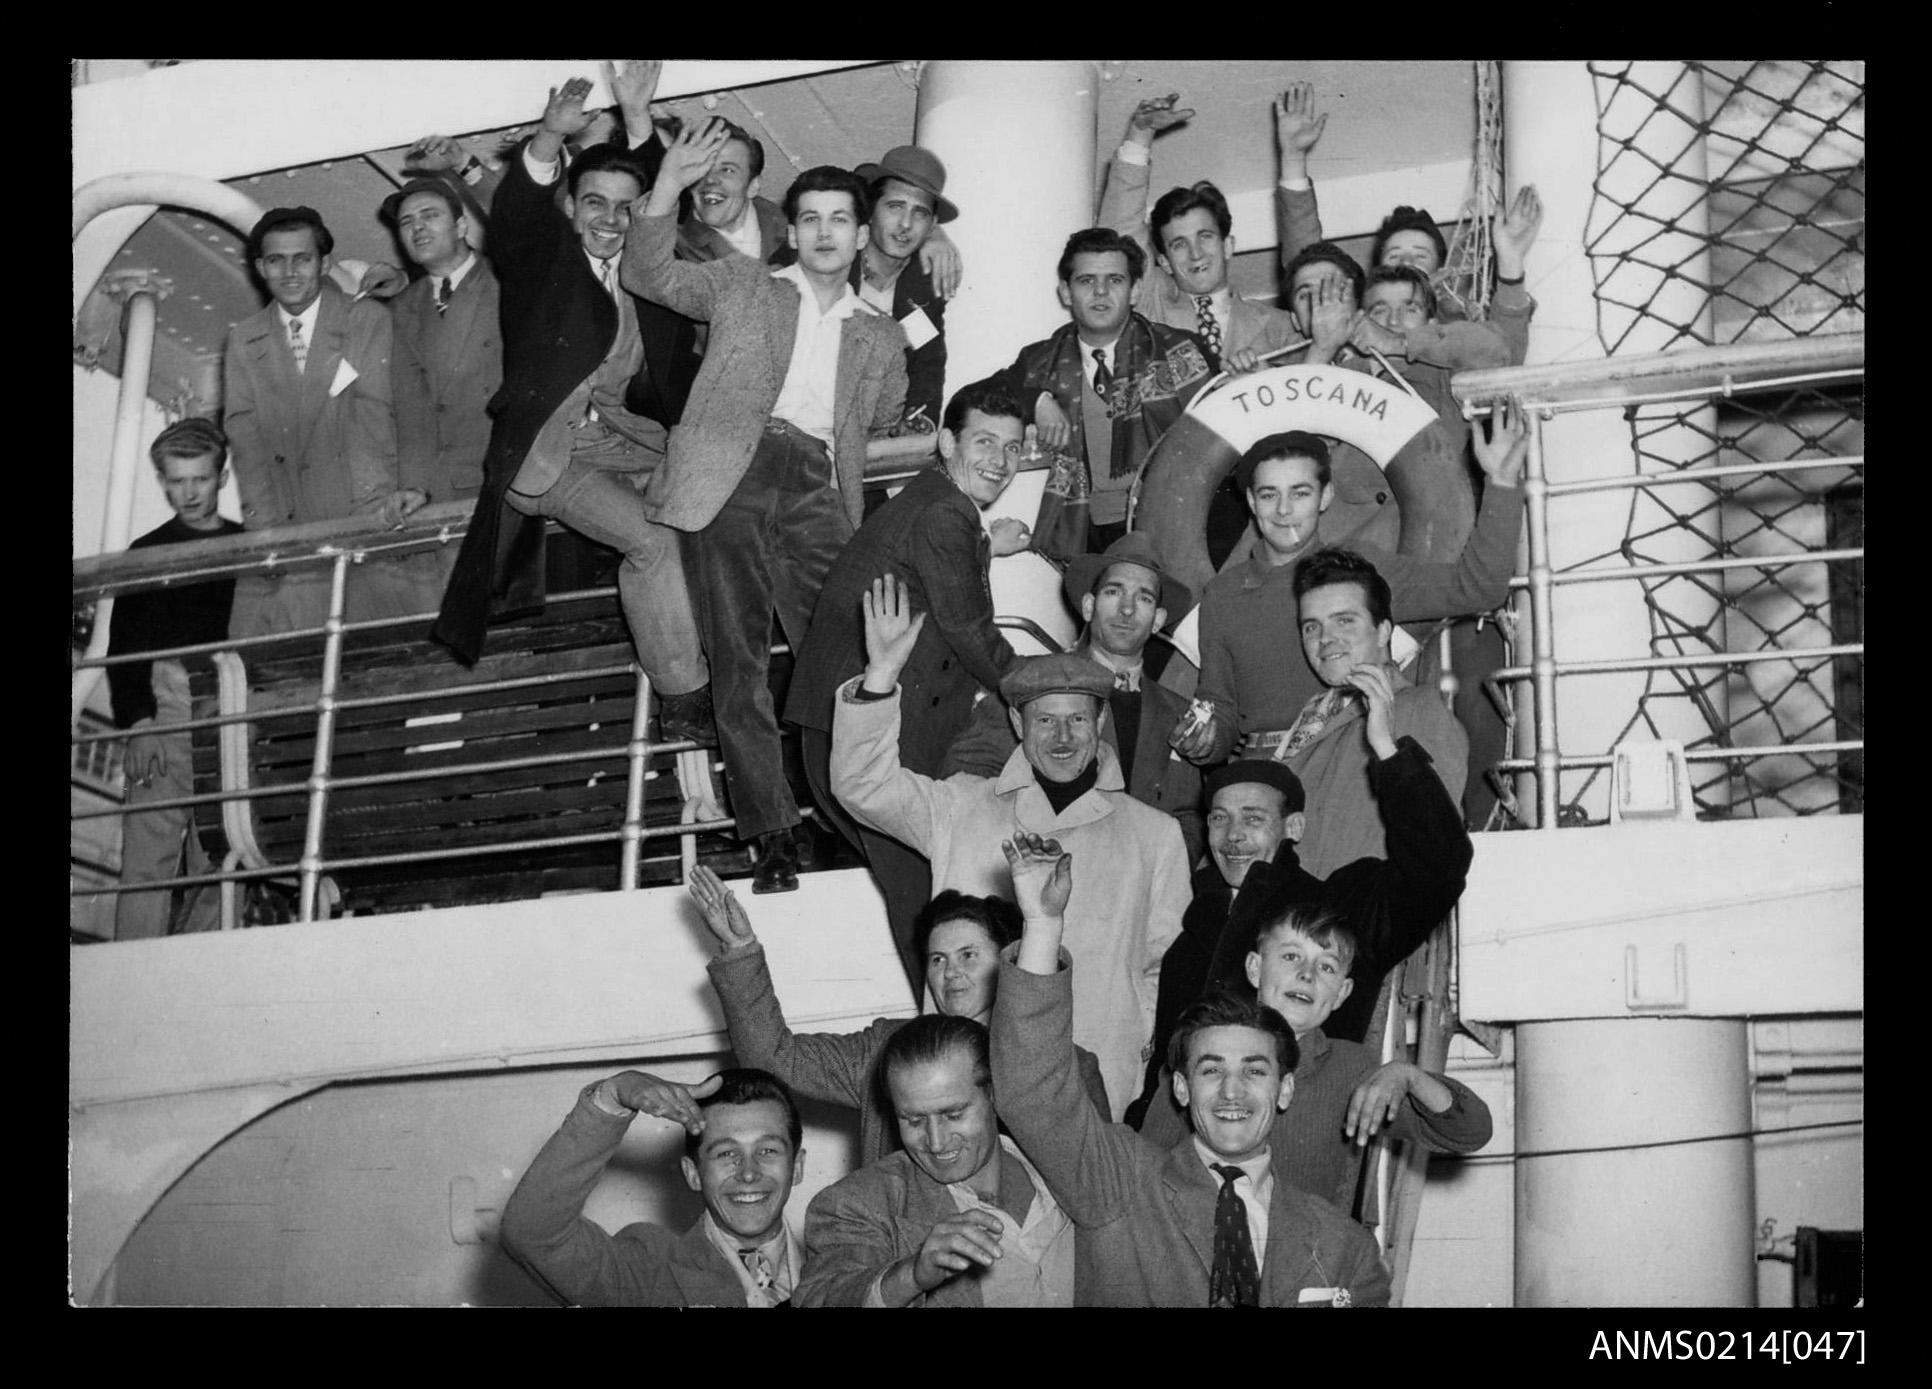 Mémoires des migrations et usages du numérique, 7 avril 2014, MMSH